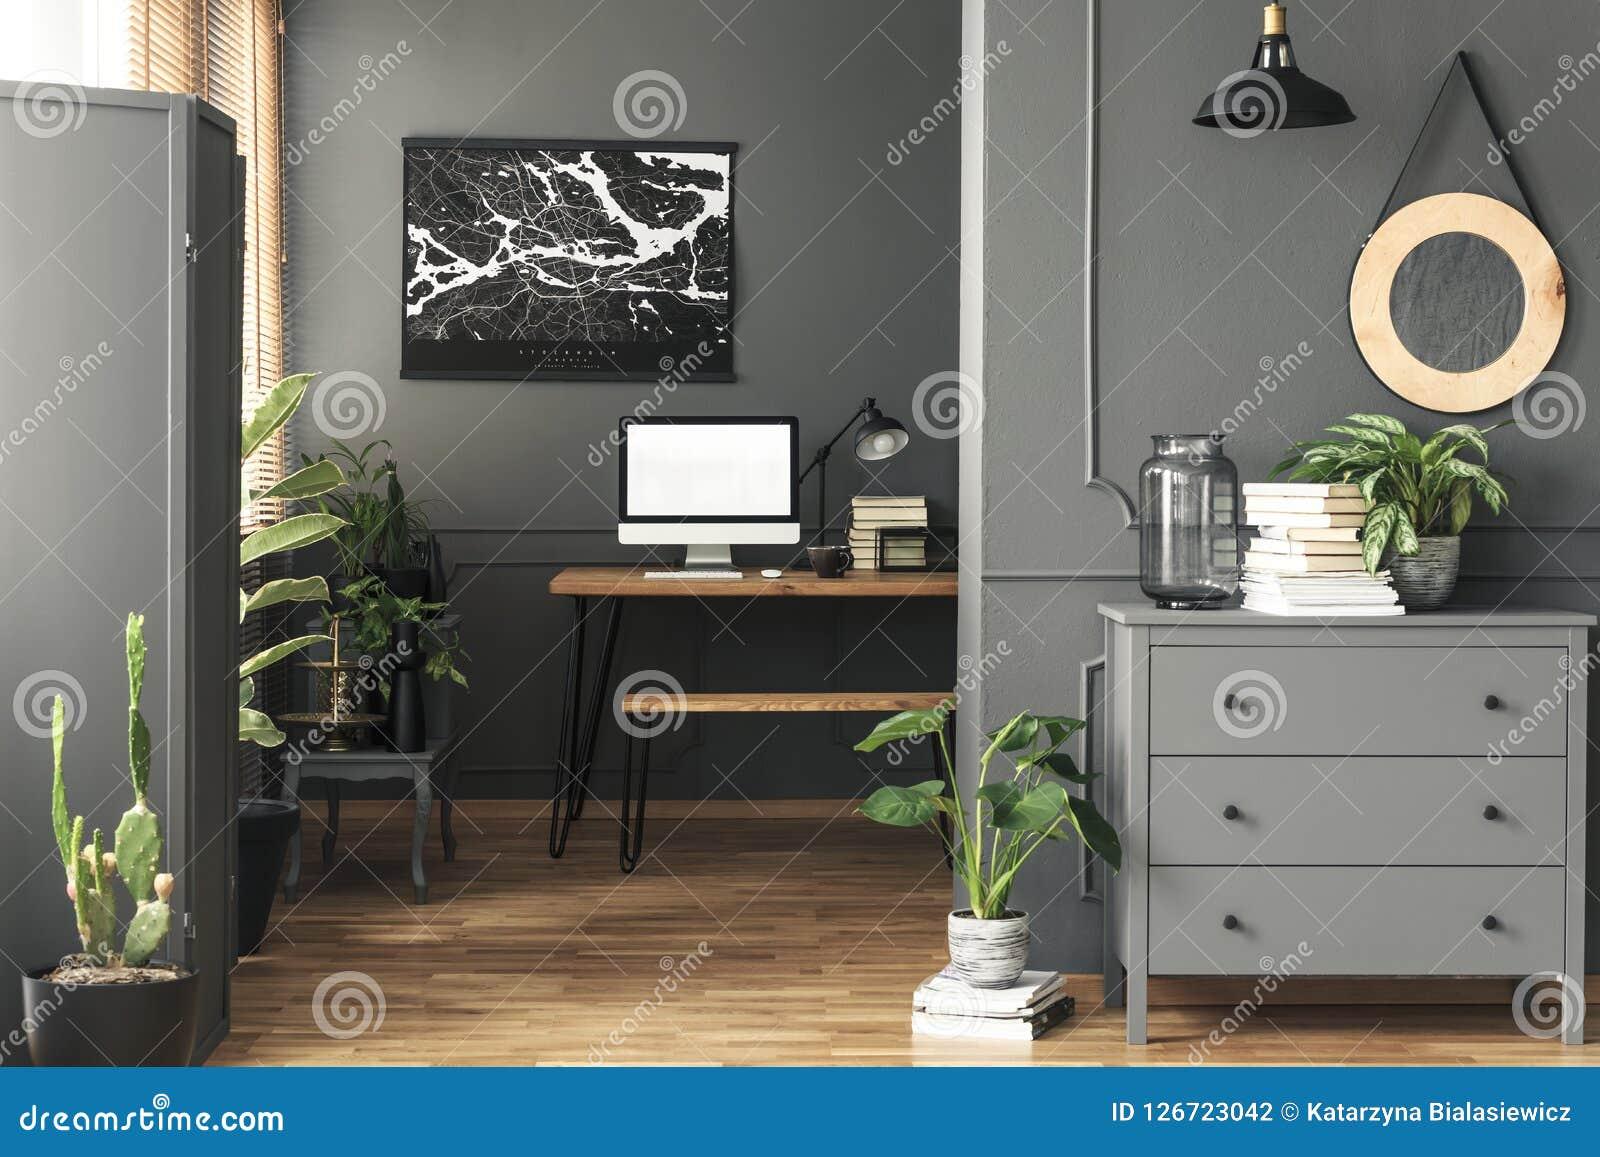 Черный плакат на серой стене над столом с модель-макетом в интерьере домашнего офиса с зеркалом Реальное фото